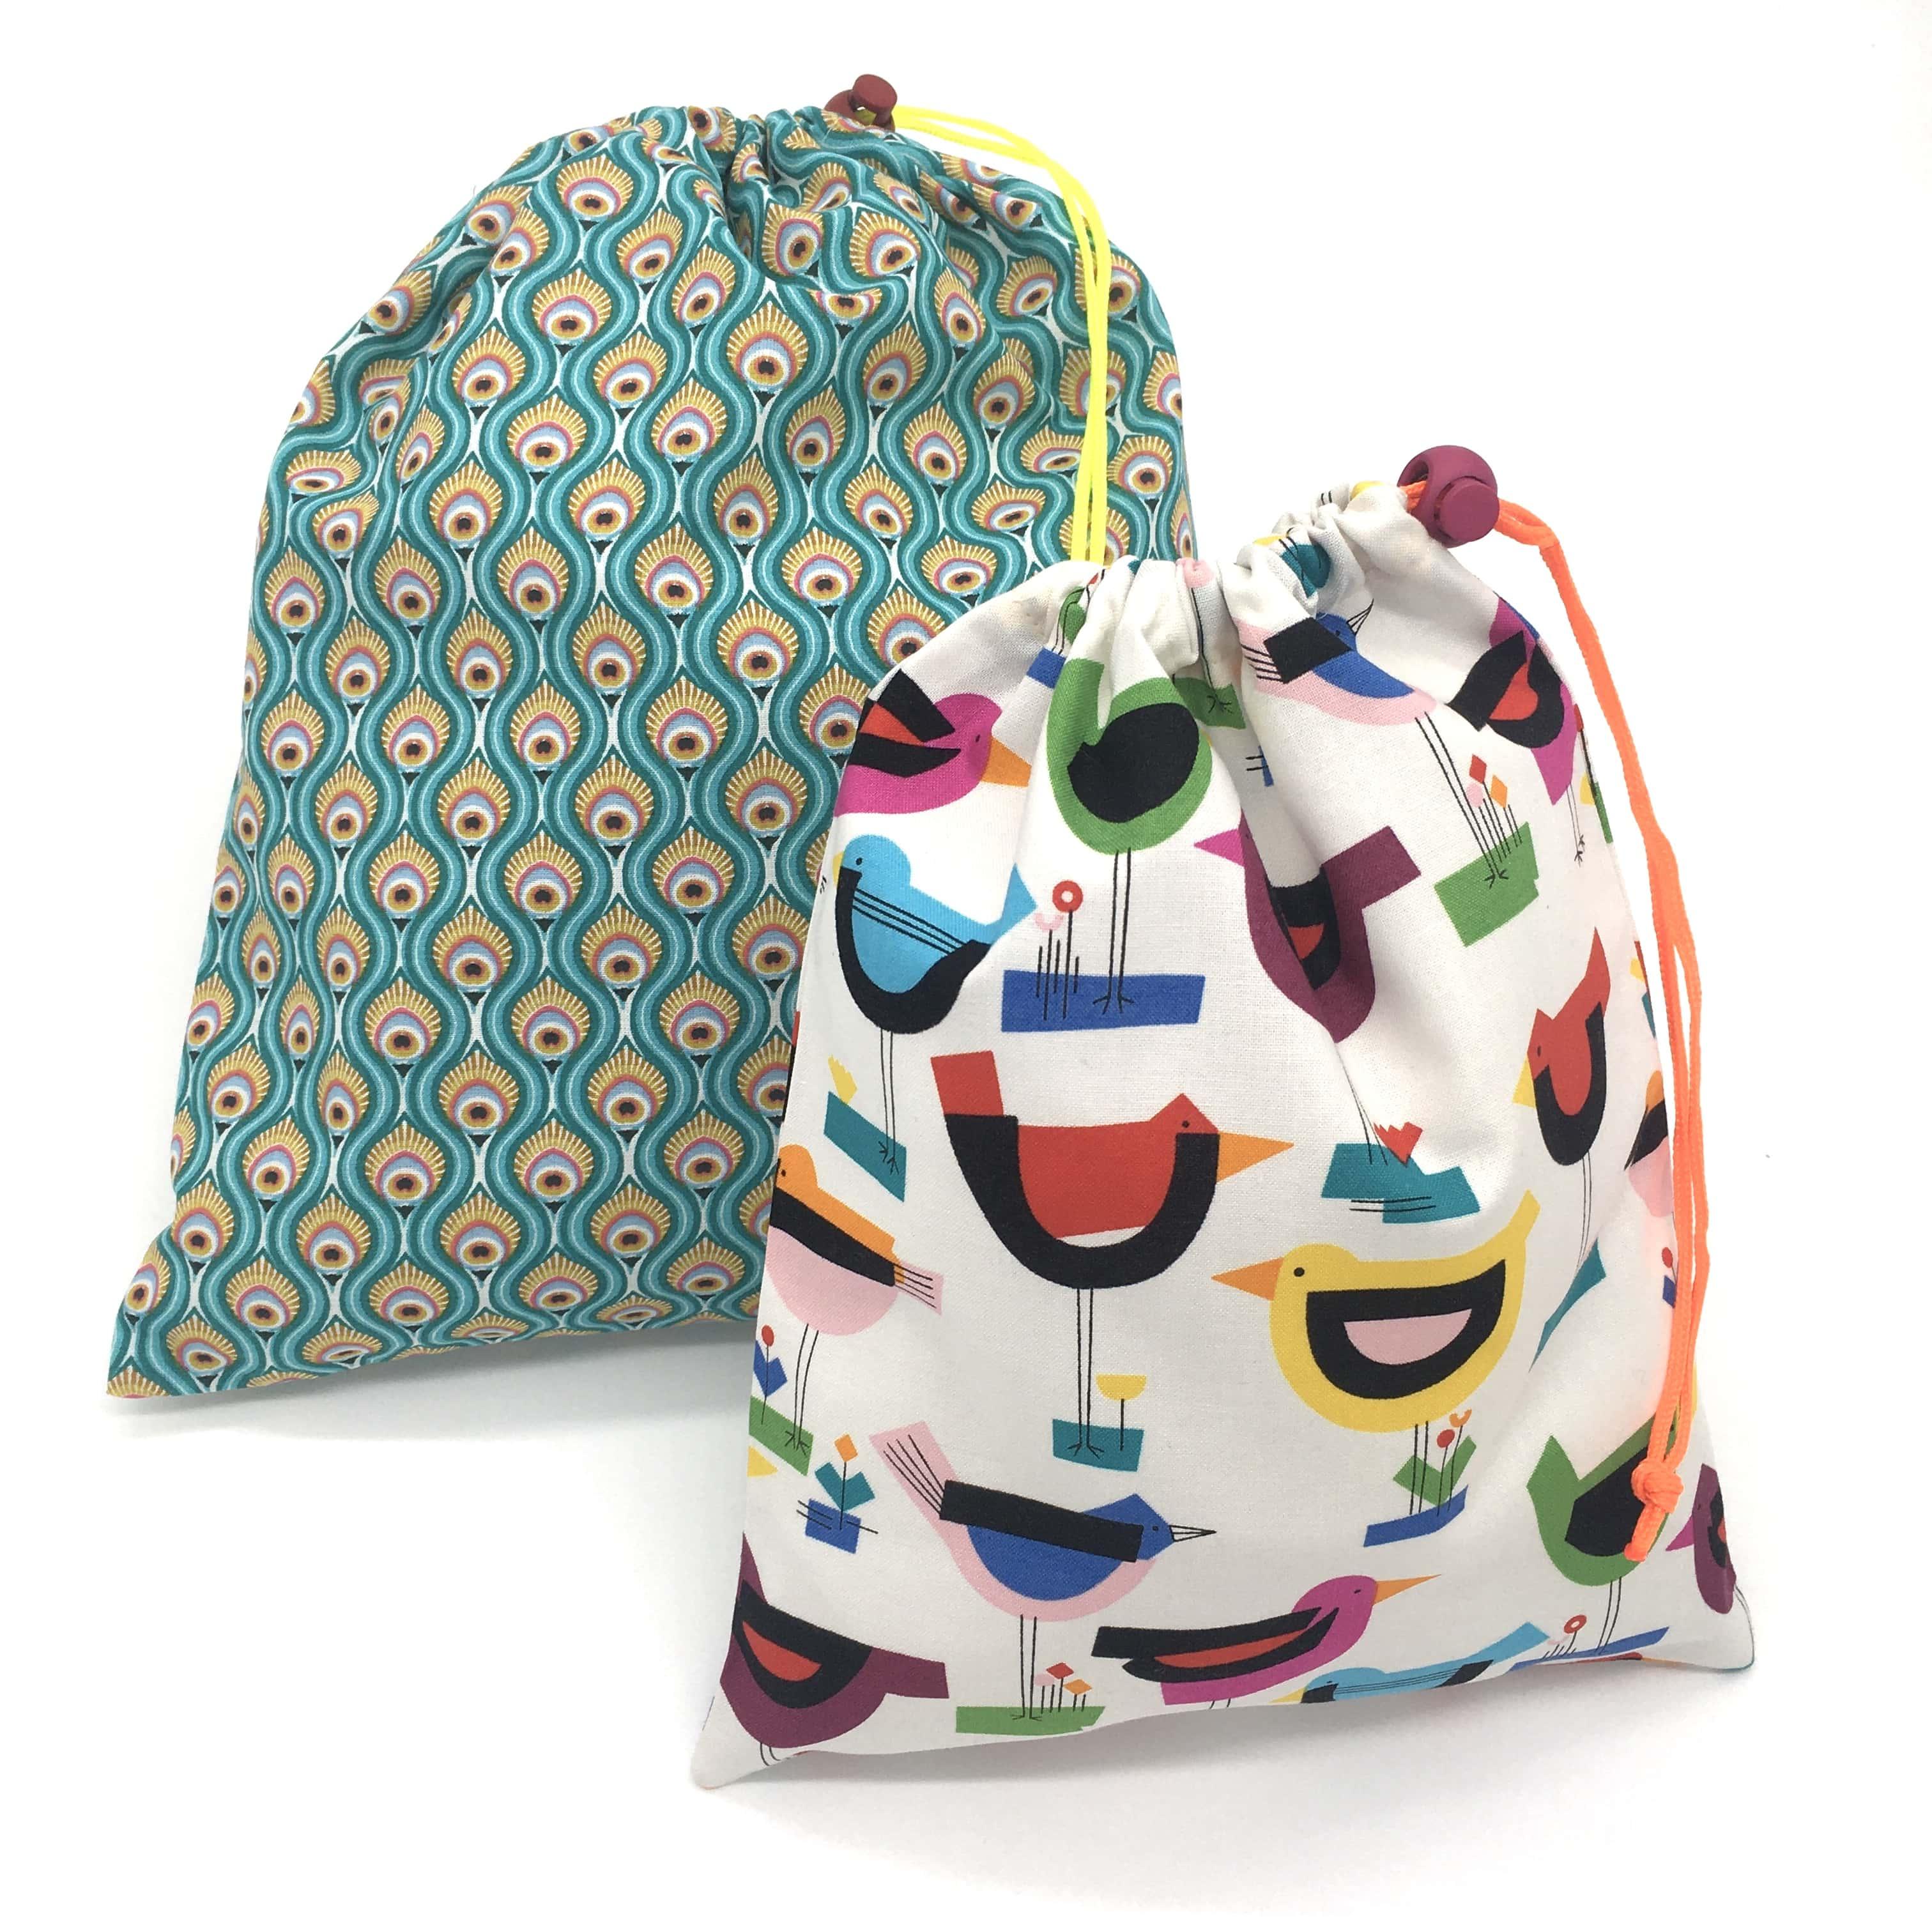 Lot de 2 sacs à vrac/sacs de voyage, TAILLE L et M, oiseaux